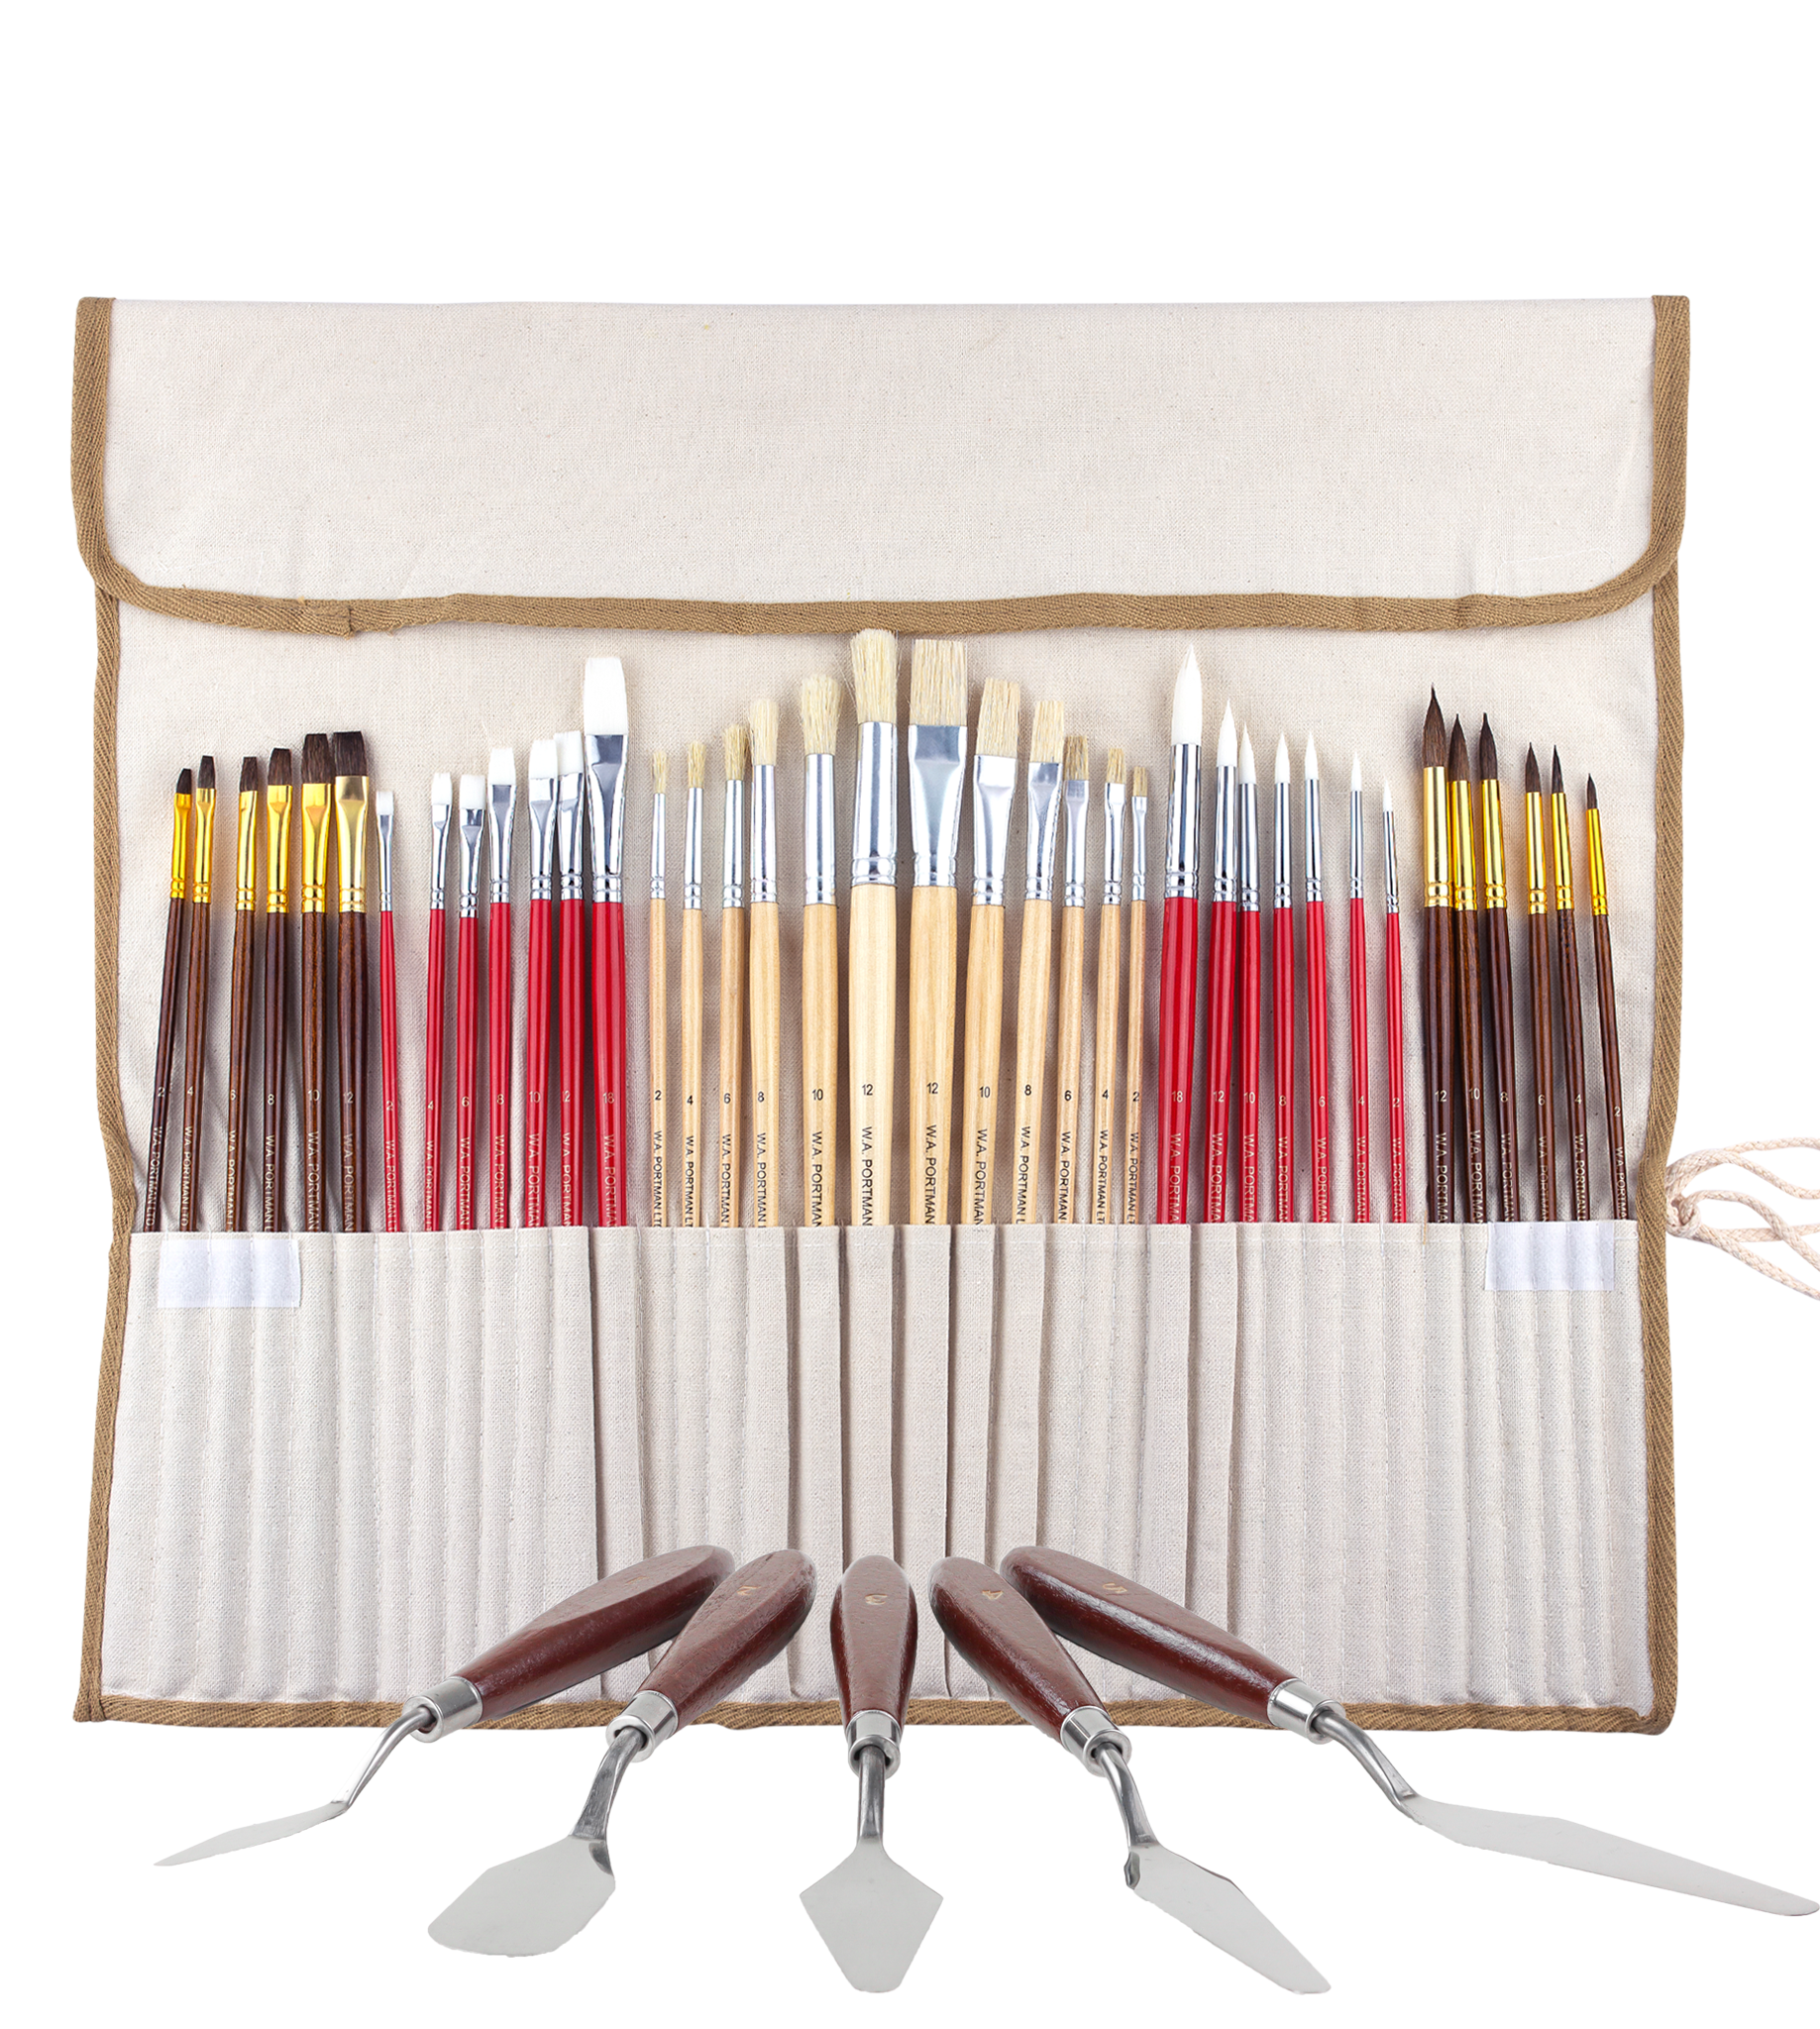 W.A. Portman Professional Paint Brush Set 38pc